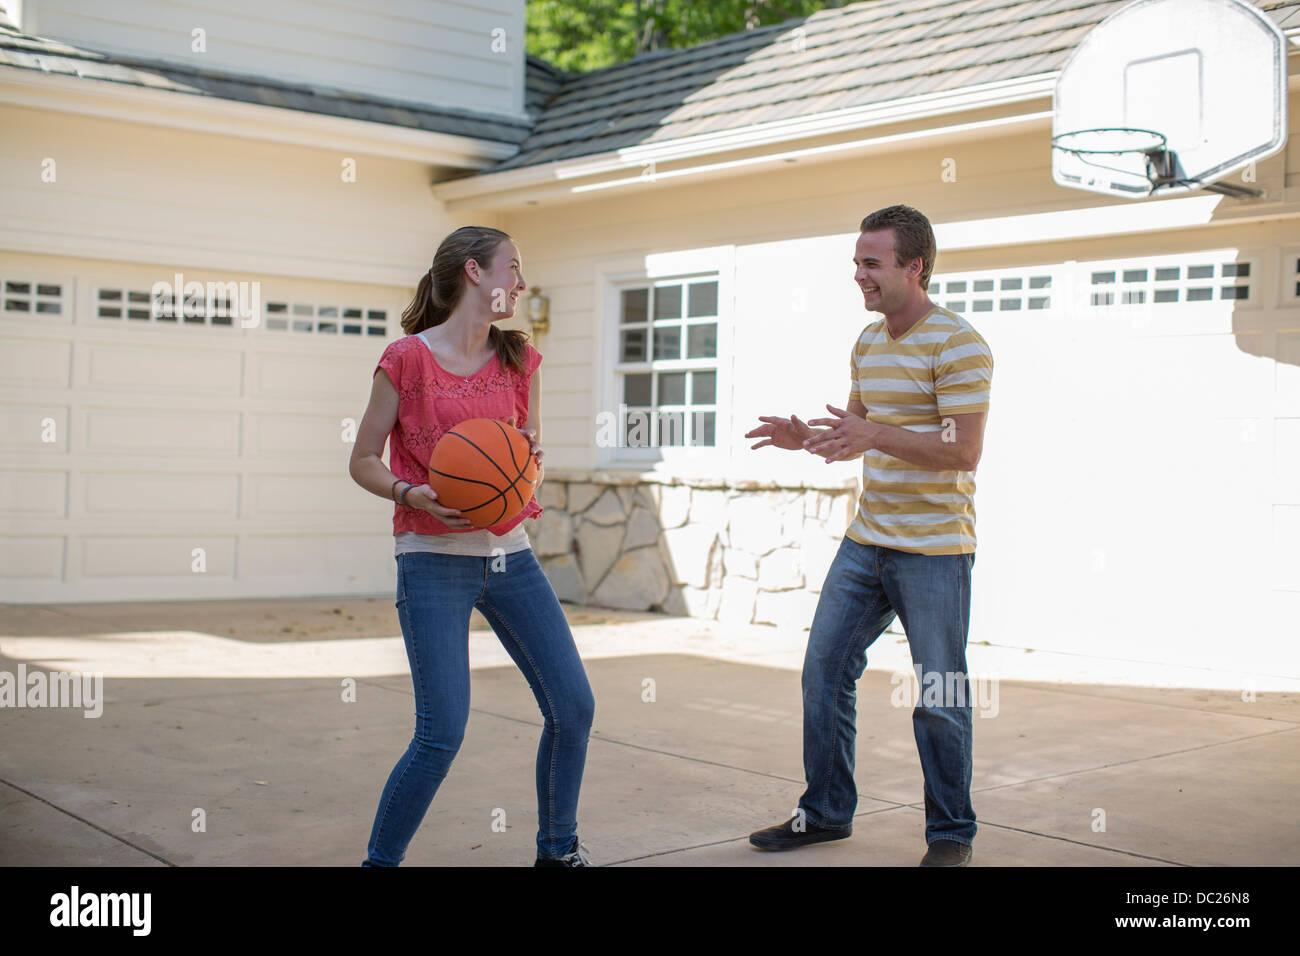 Hermano y hermana jugando baloncesto Imagen De Stock